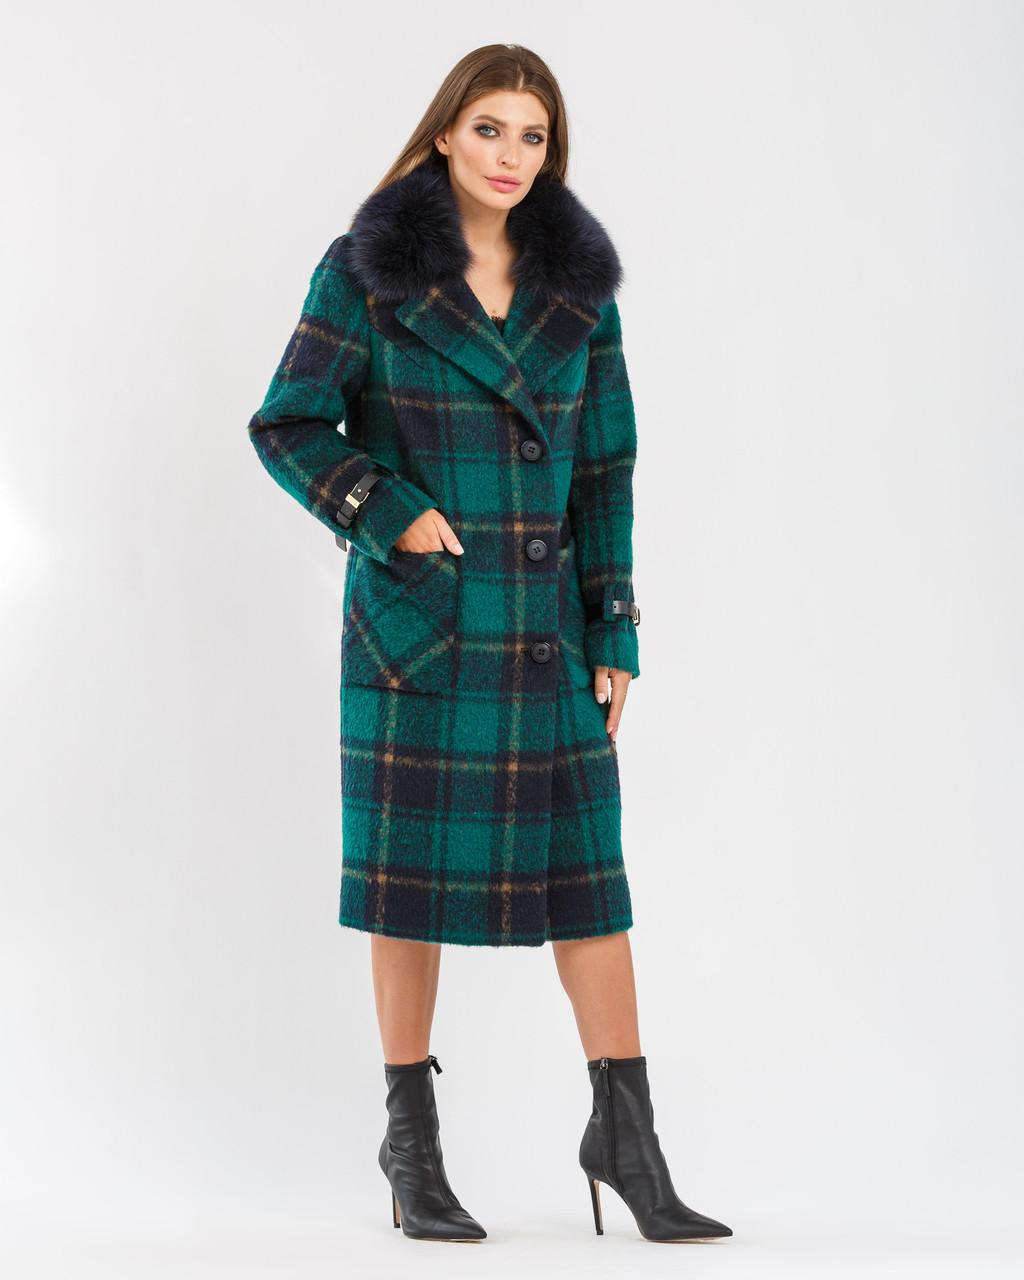 Модное ЗИМНЕЕ пальто в клетку Изумруд 44,46,48,50,52,54,56 размер